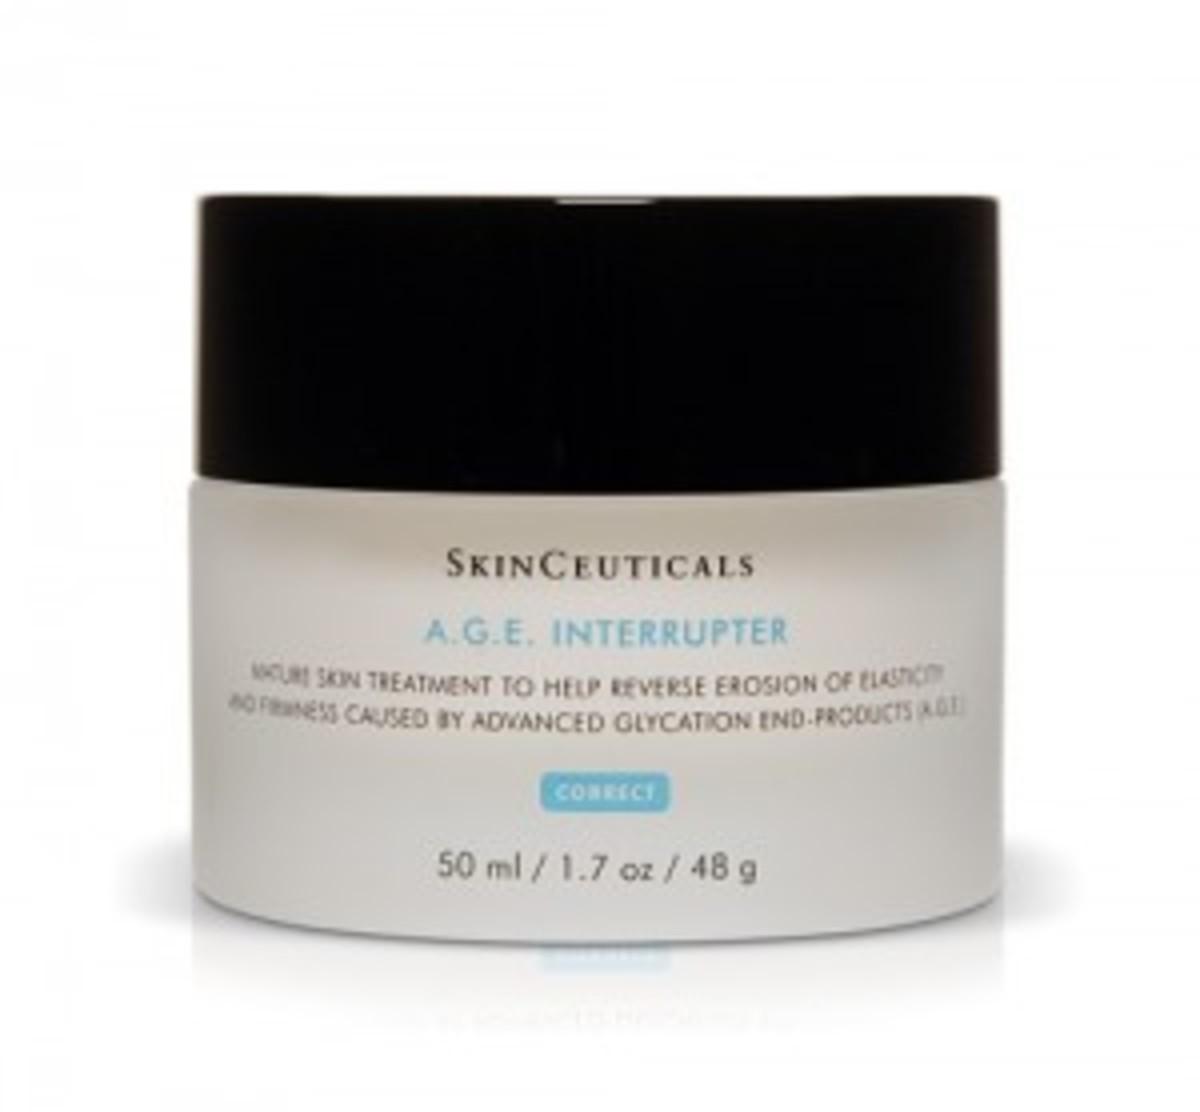 Skinceuticals-A.G.E.-Interrupter-300x278